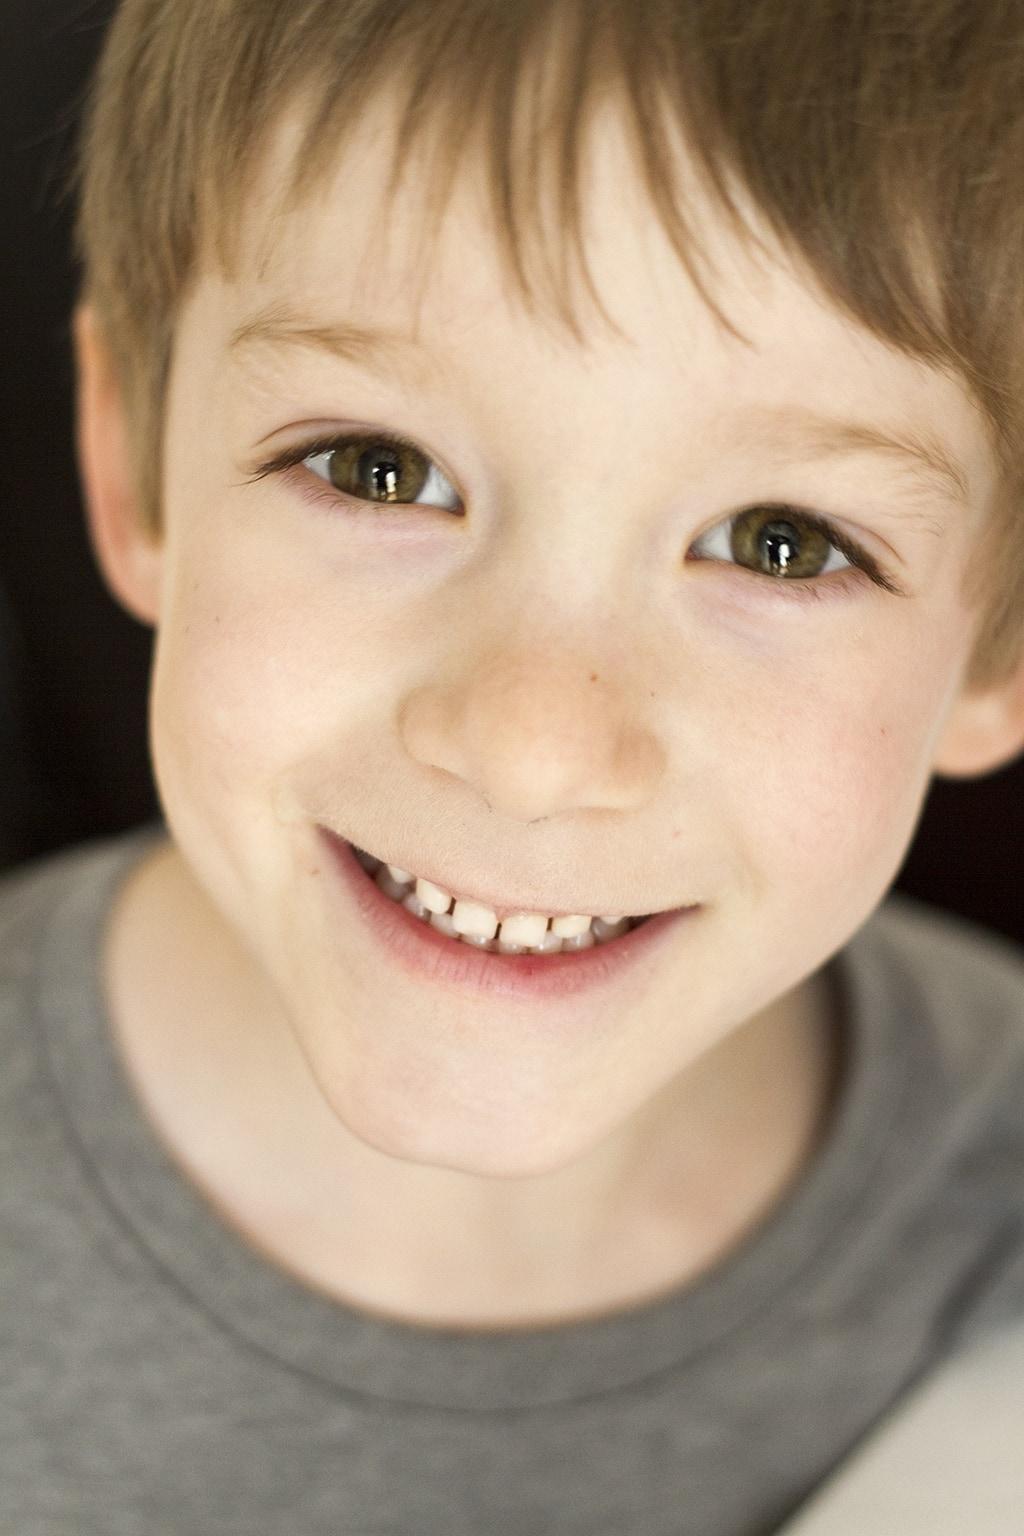 Jake Smiling